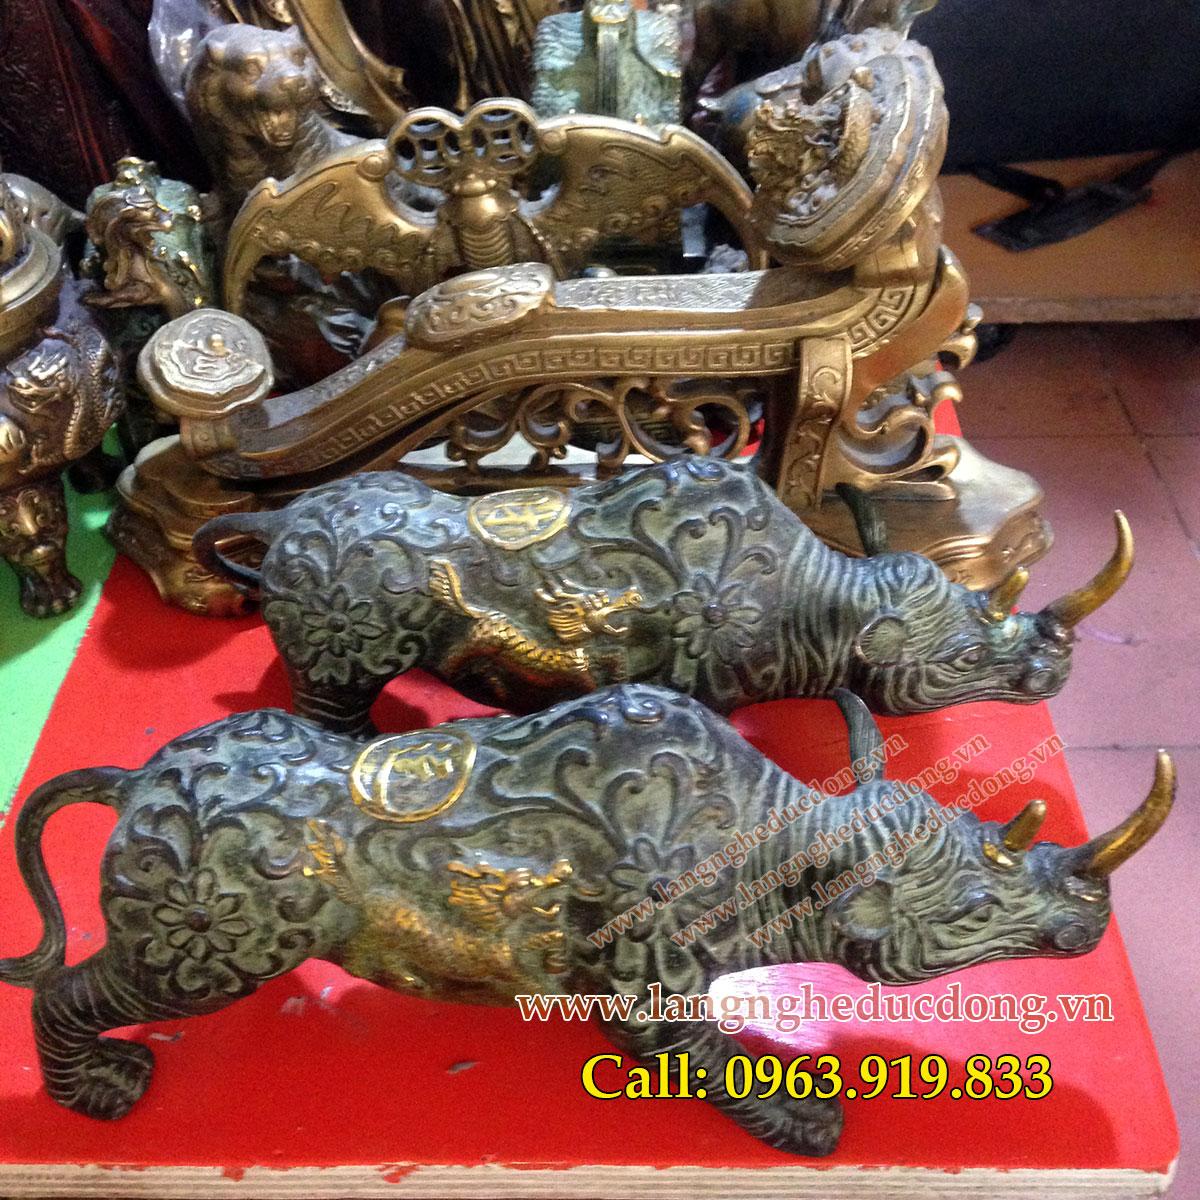 langngheducdong.vn - Tê giác đồng giả cổ, tượng tê giác bằng đồng dài 23cm